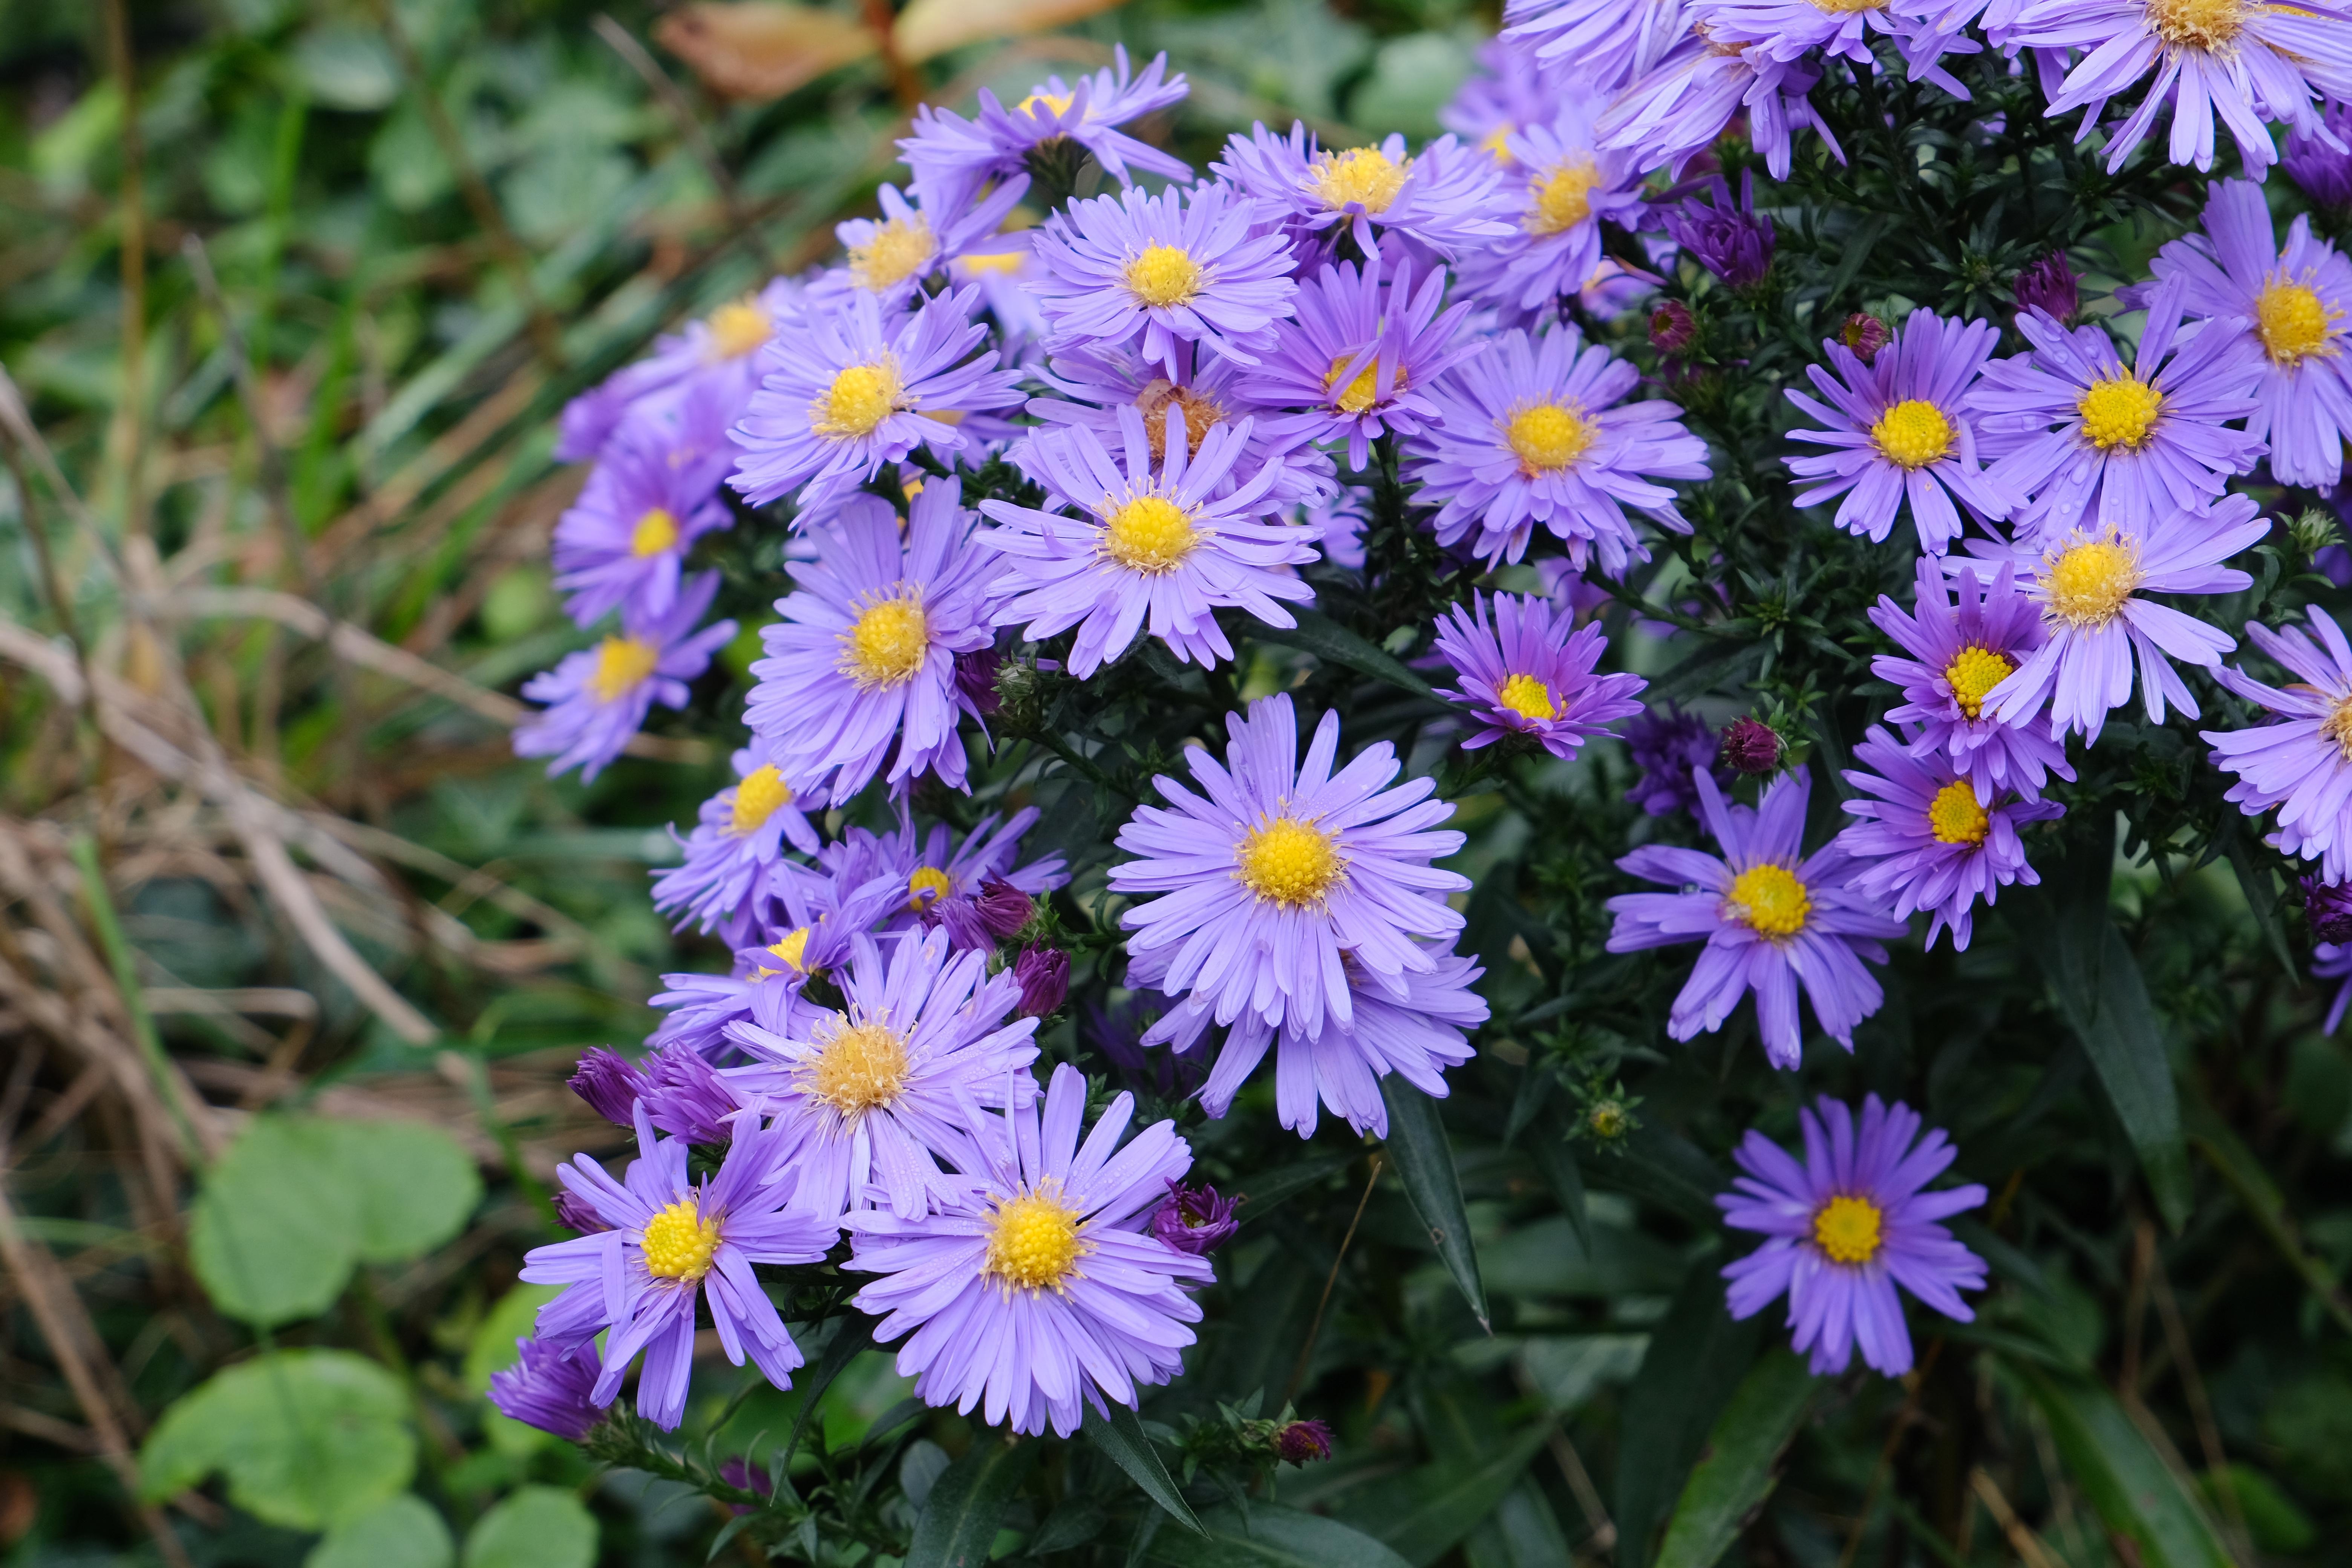 128774 скачать обои Цветы, Астра, Растение, Макро, Фиолетовый - заставки и картинки бесплатно